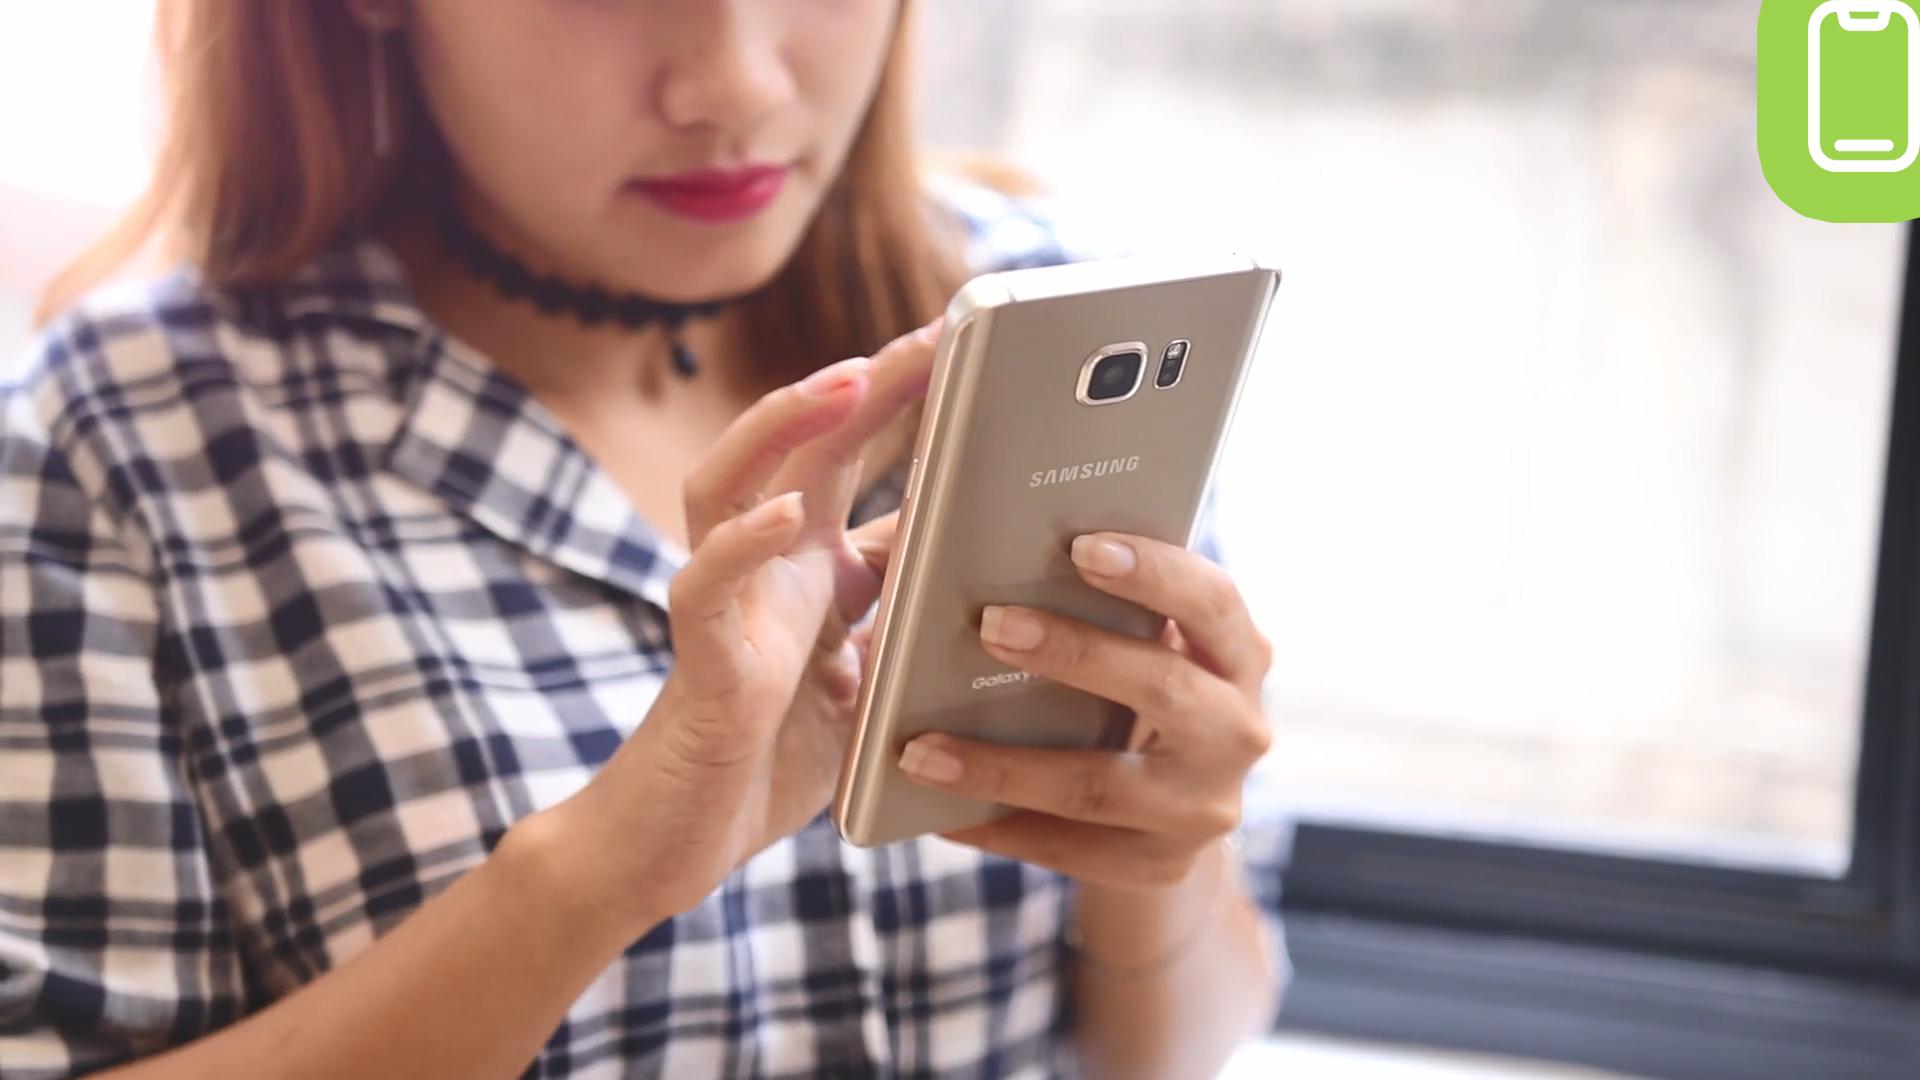 Đánh giá chi tiết Samsung Galaxy Note 5 - Ảnh 3